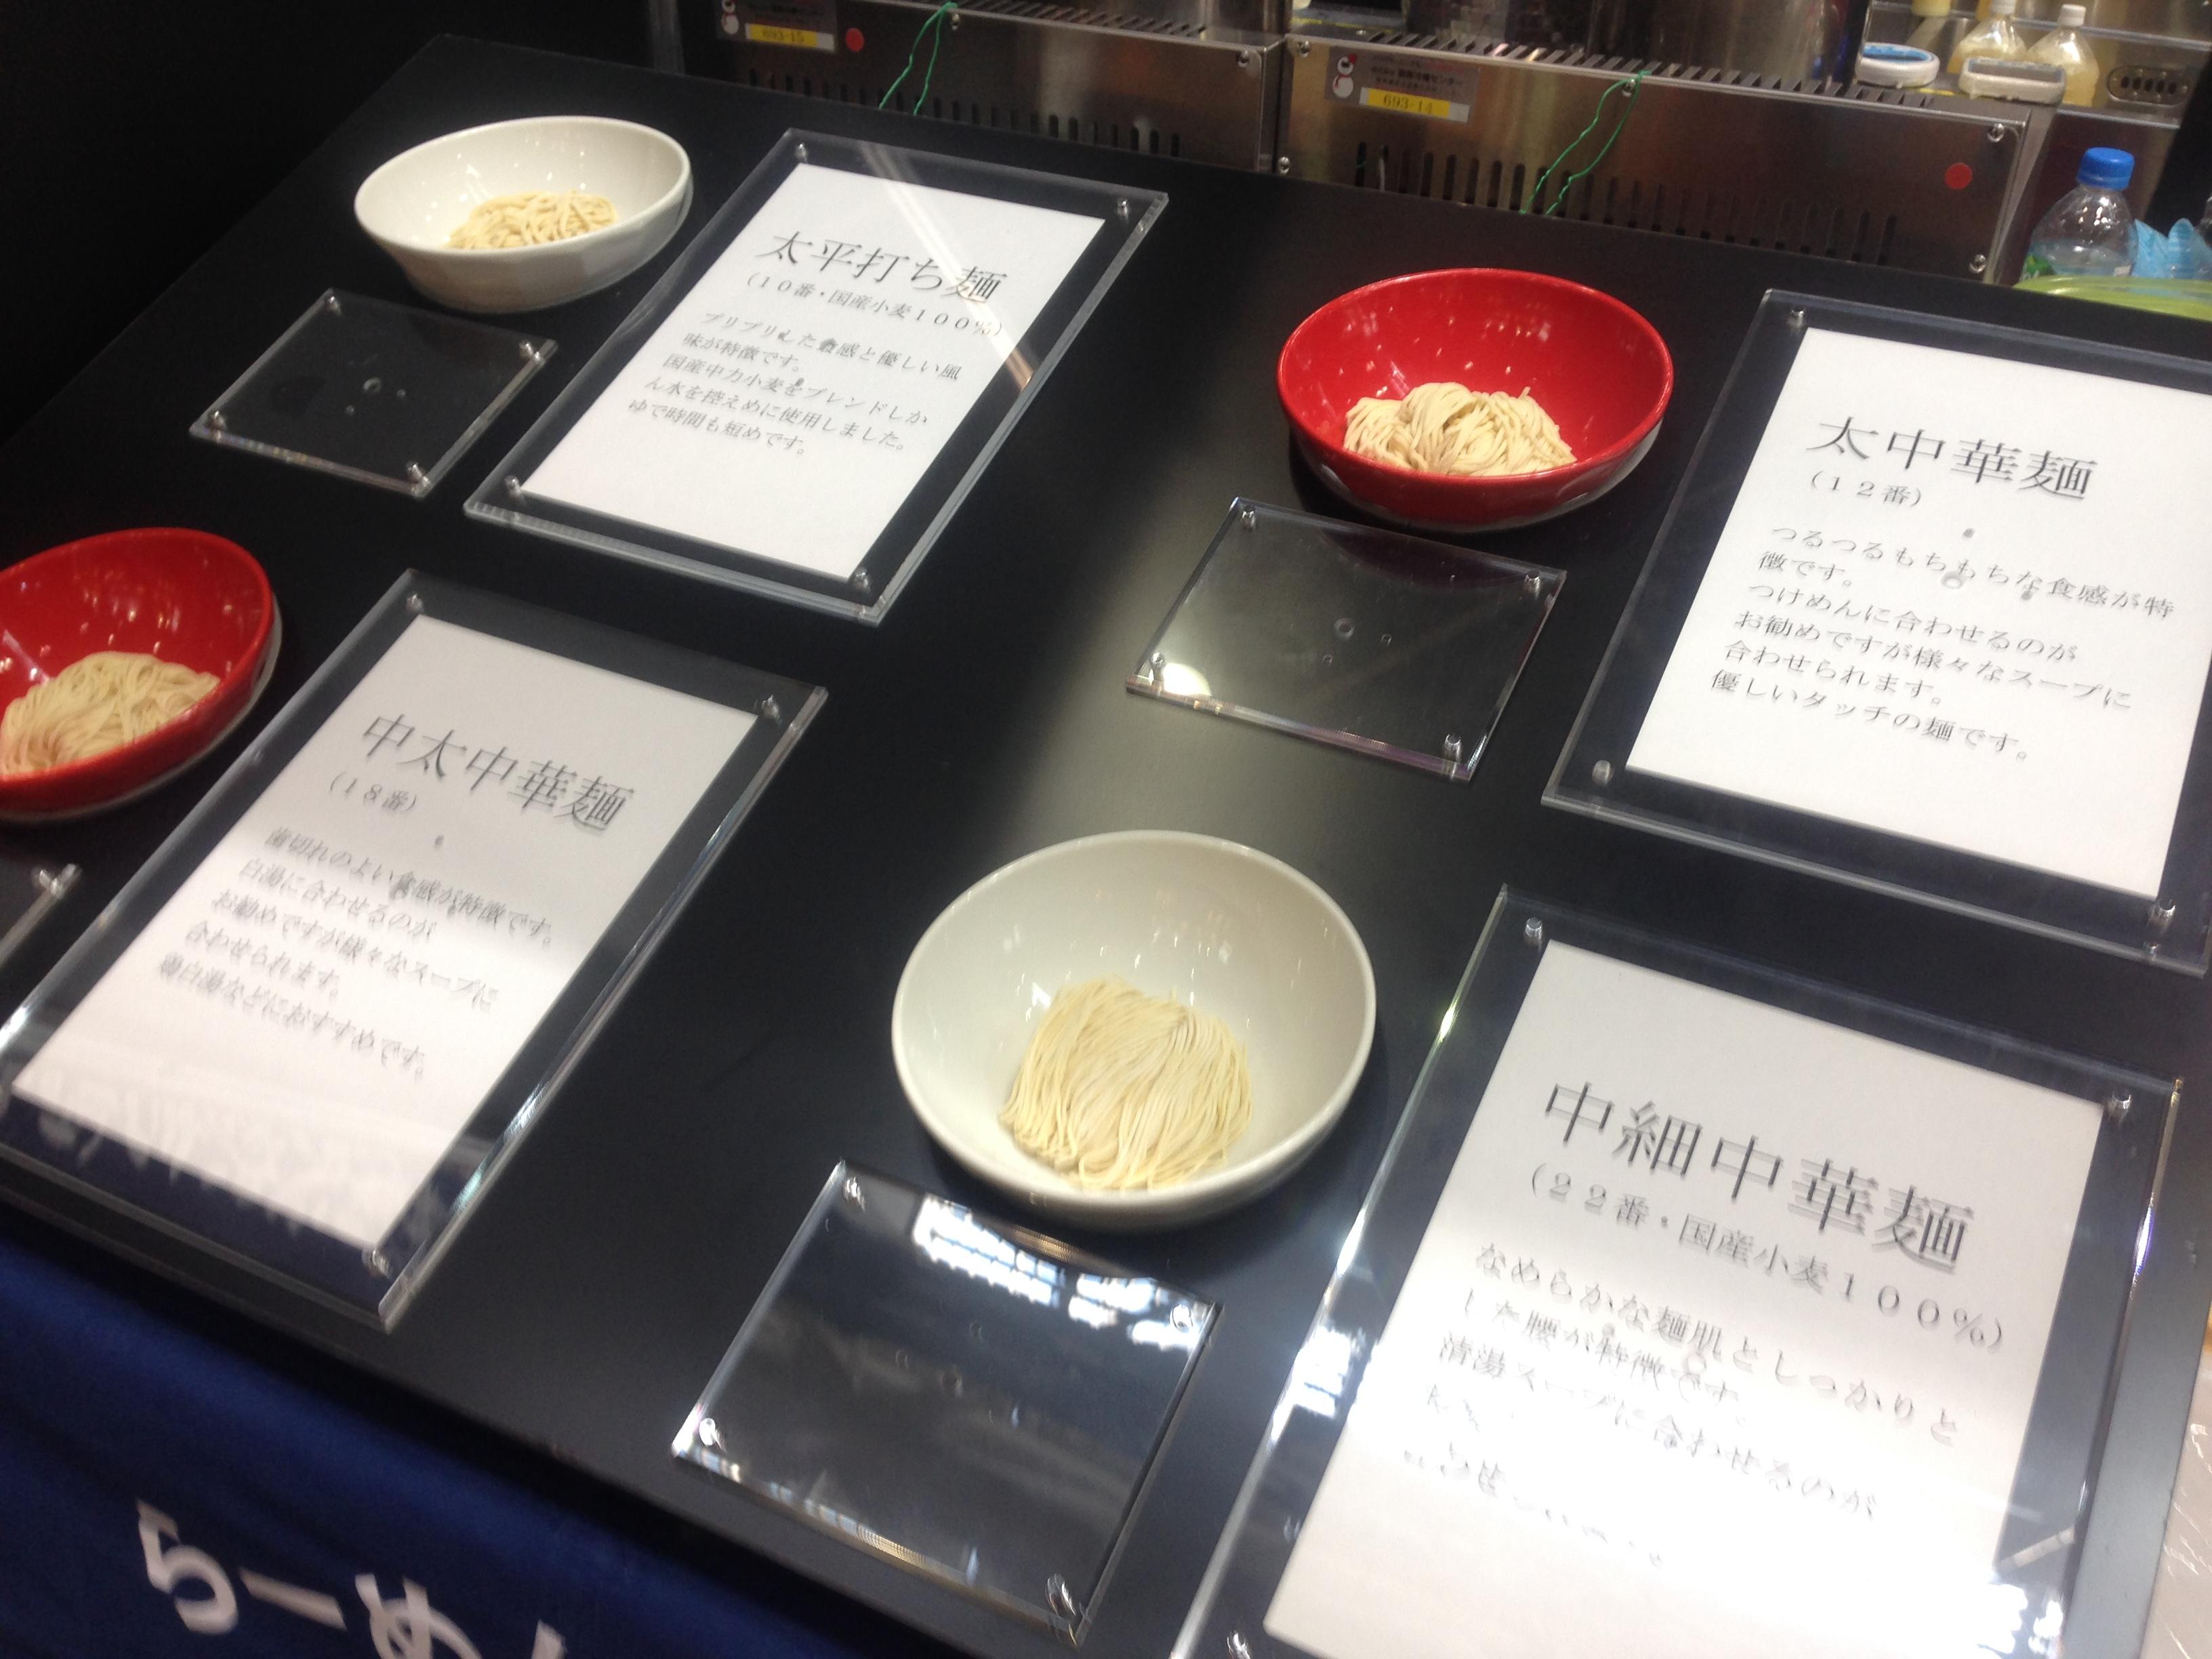 関西外食ビジネスウィーク2018 第11回関西ラーメン産業展